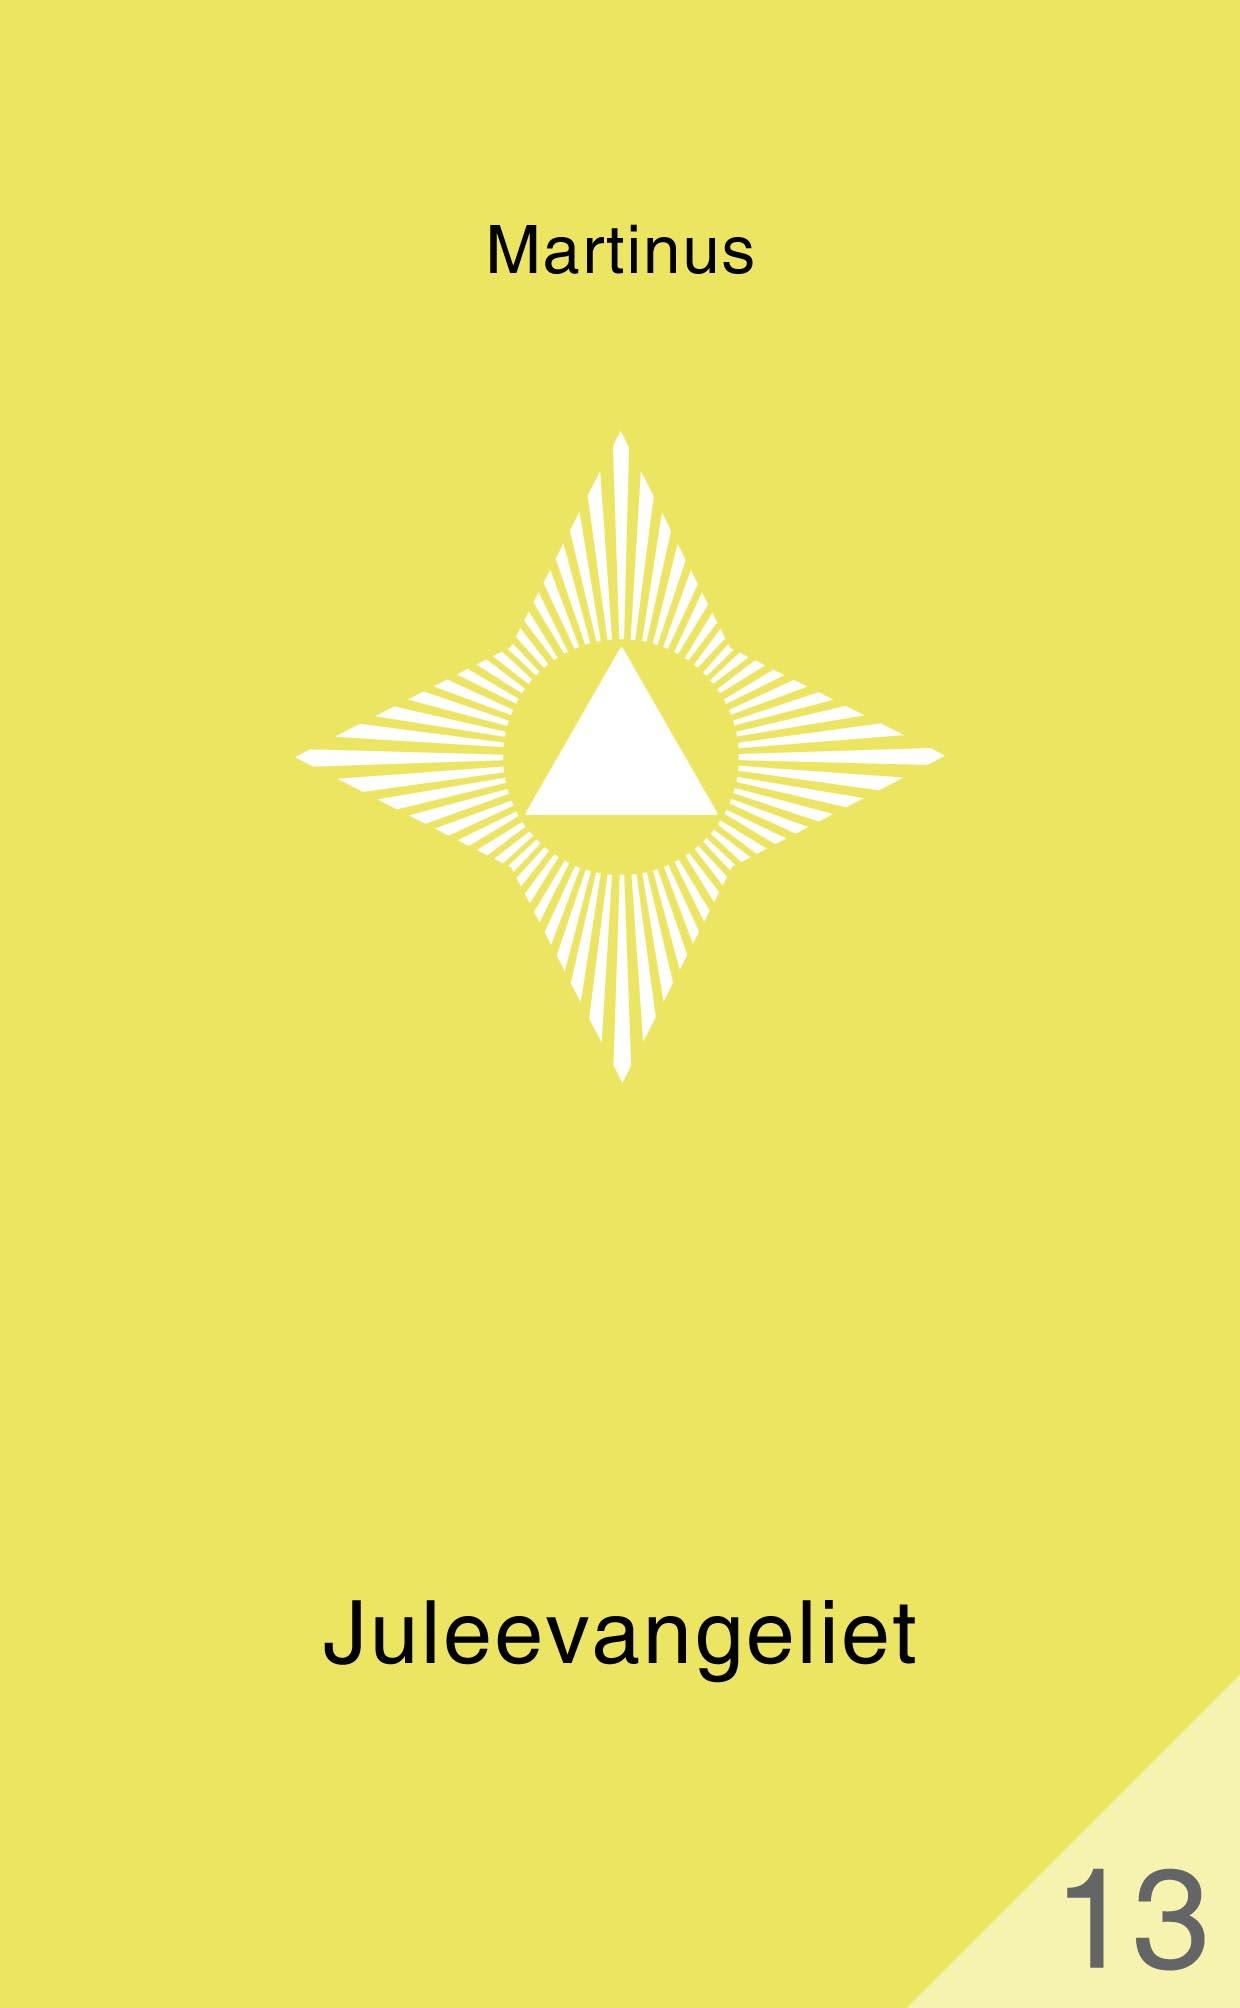 Juleevangeliet (småbog 13) - e-bog fra N/A på bog & mystik